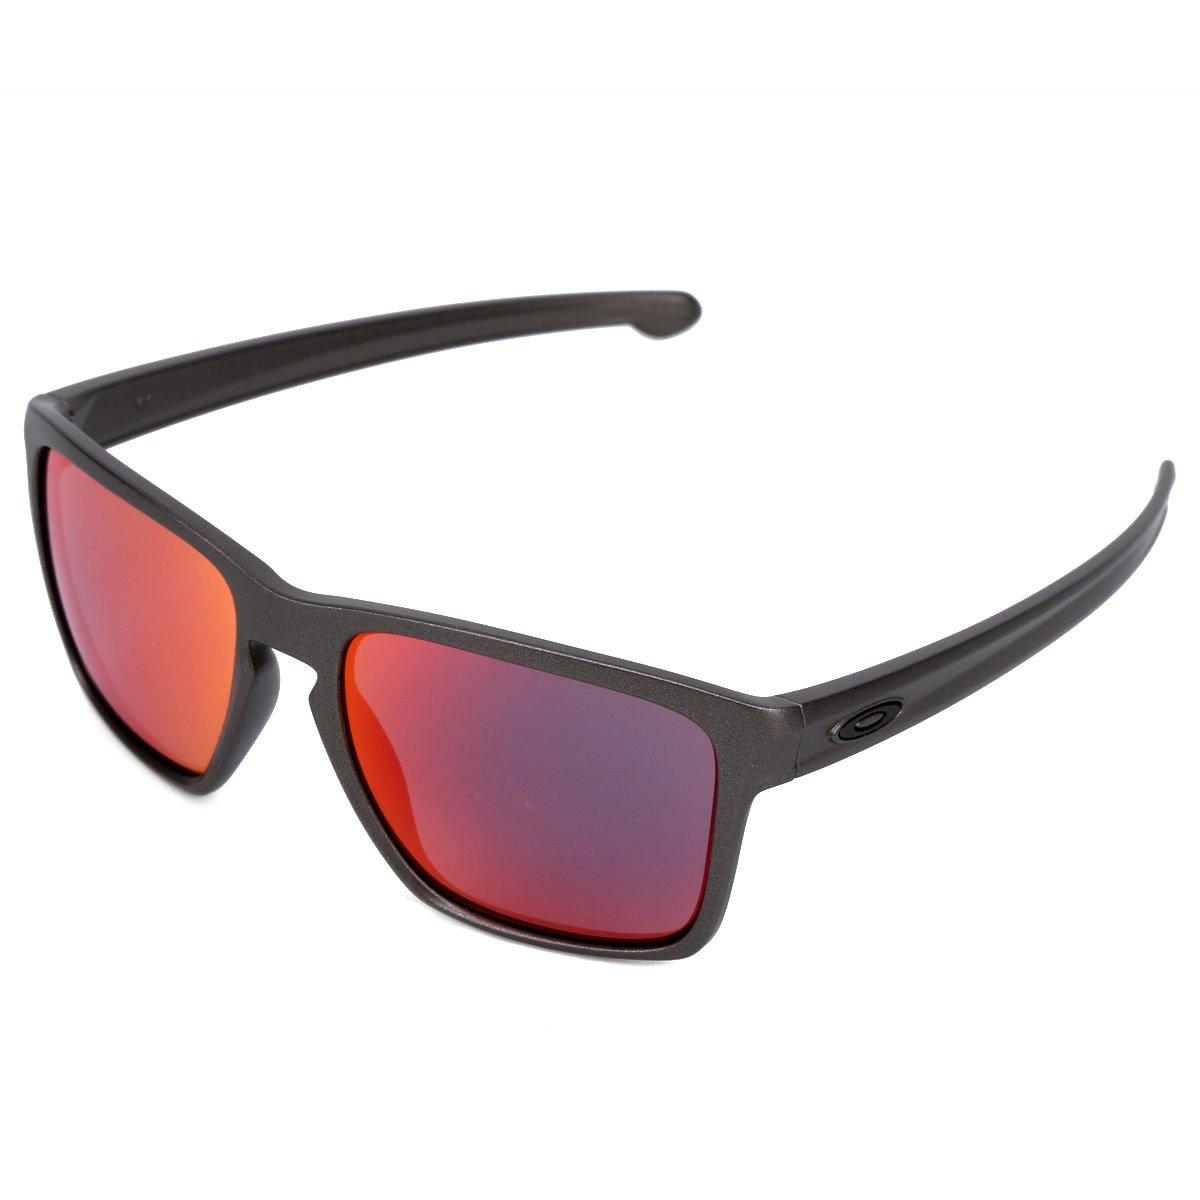 2a2aae213676e Óculos de Sol Oakley Sliver Xl Masculino - Cafe - Compre Agora ...